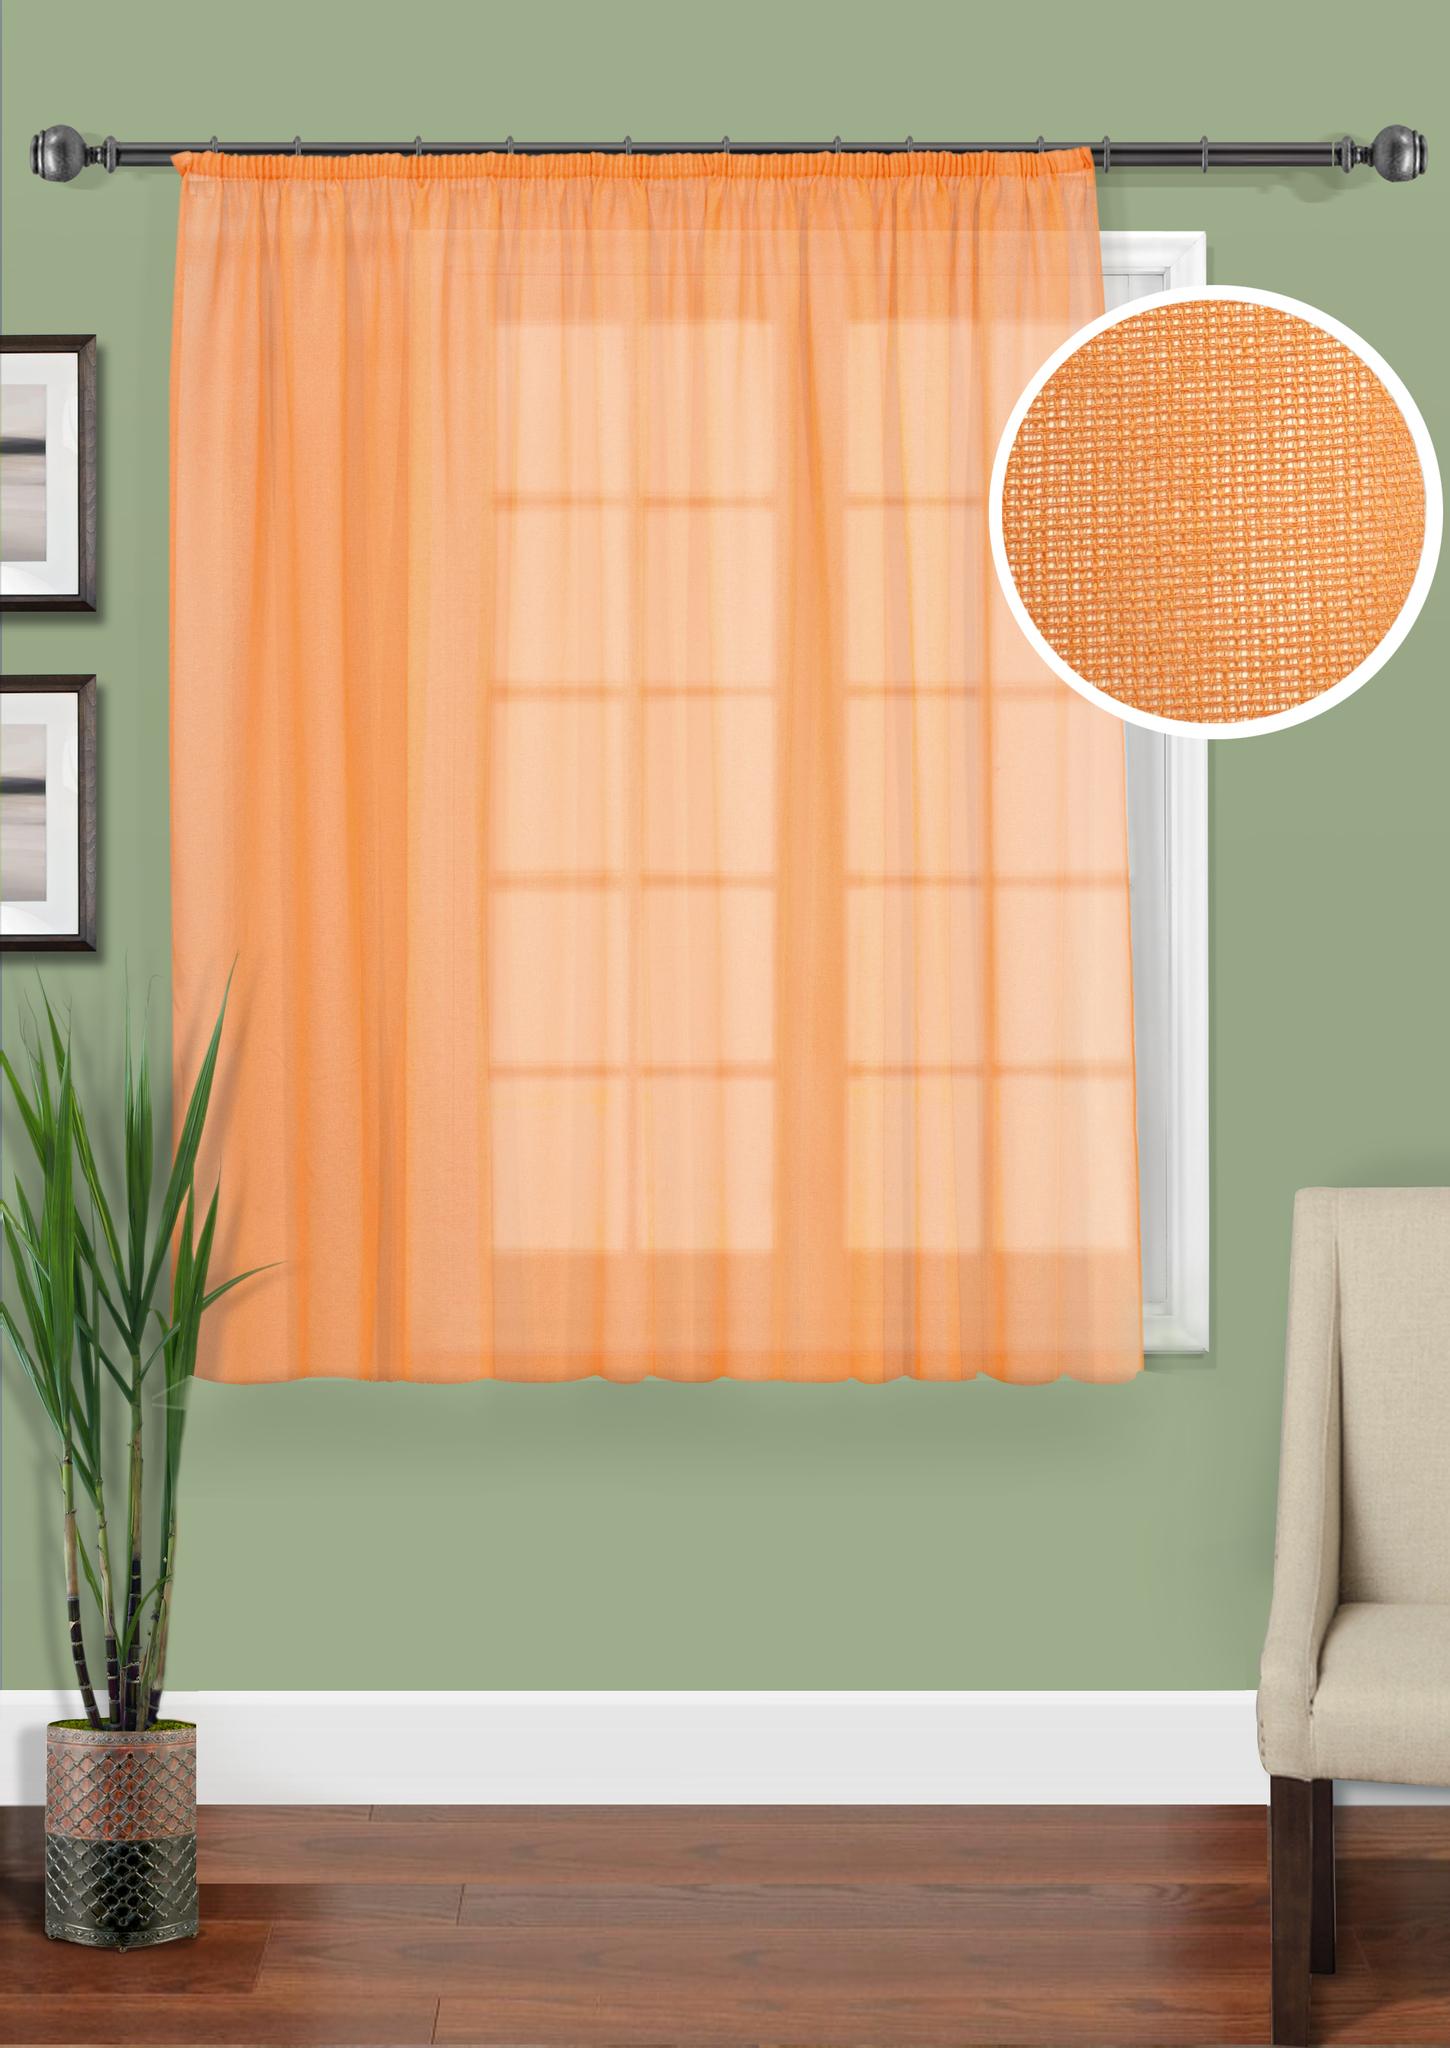 Шторы Kauffort Классические шторы Basicos-M Цвет: Оранжевый шторы kauffort классические шторы primavera st цвет оранжевый